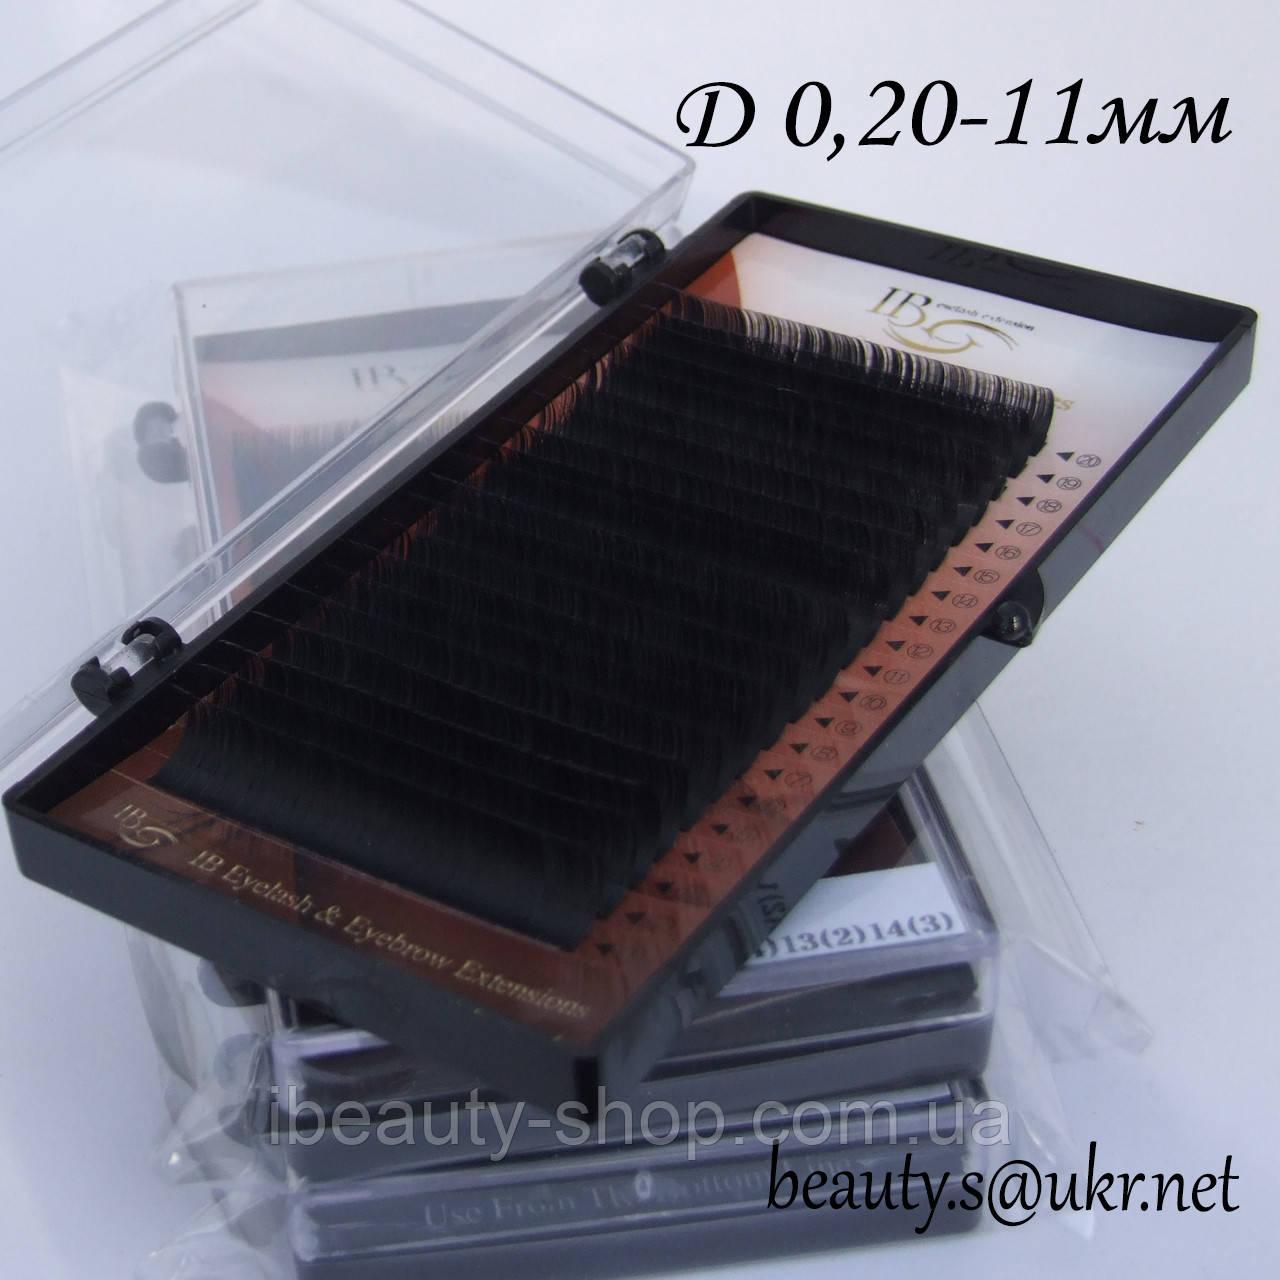 Вії I-Beauty на стрічці D-0,20 11мм